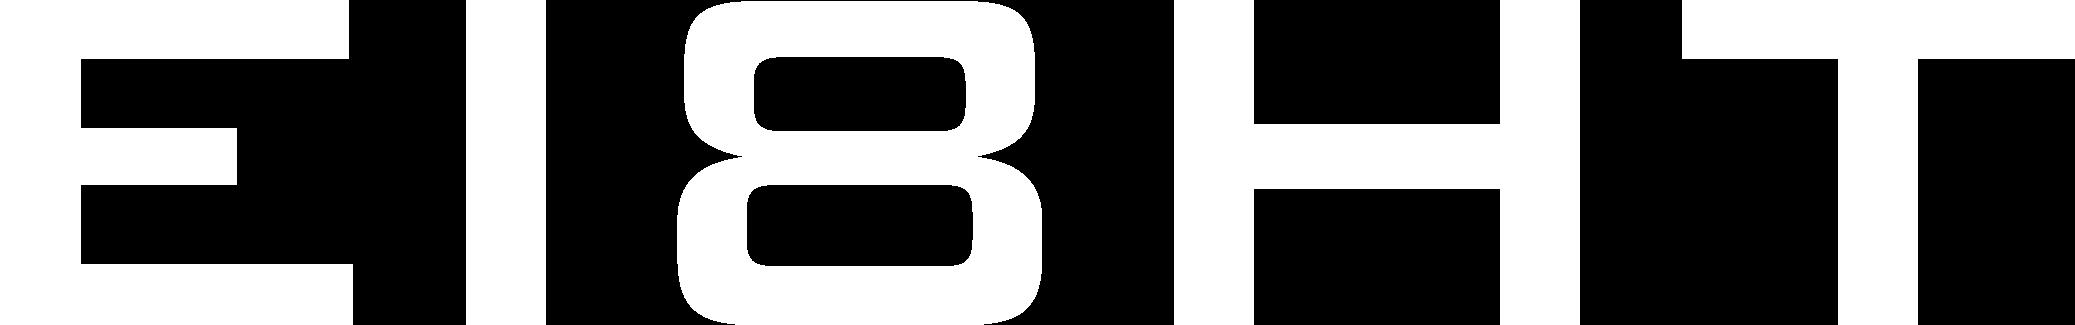 EIGHT BLANC